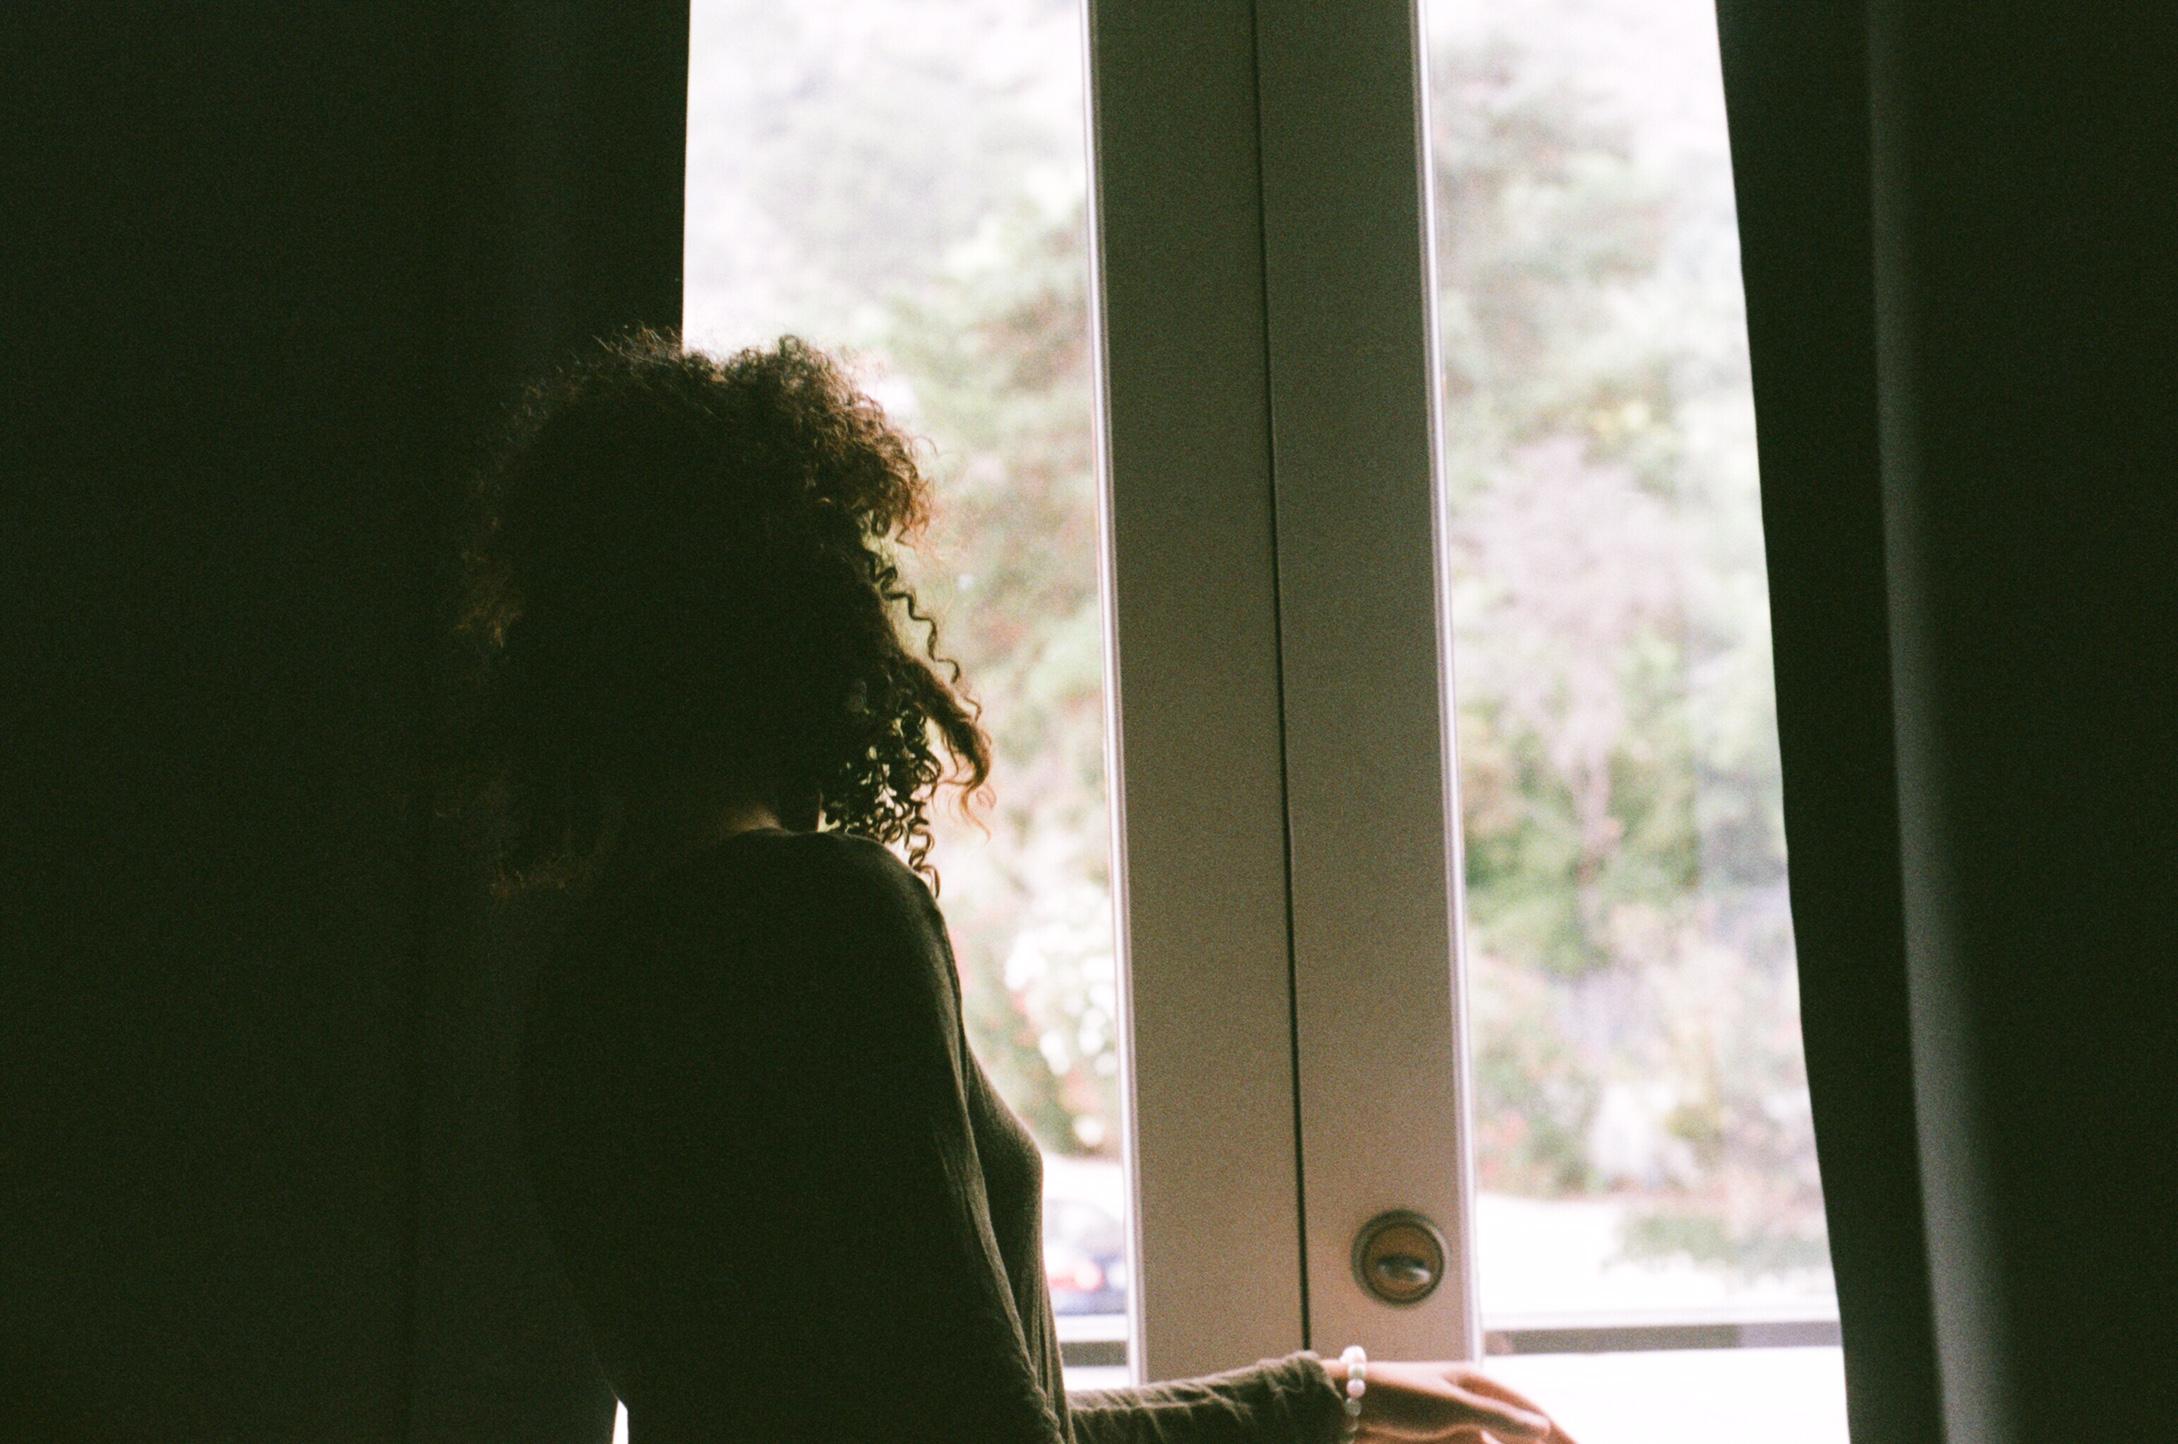 Photo by Tru